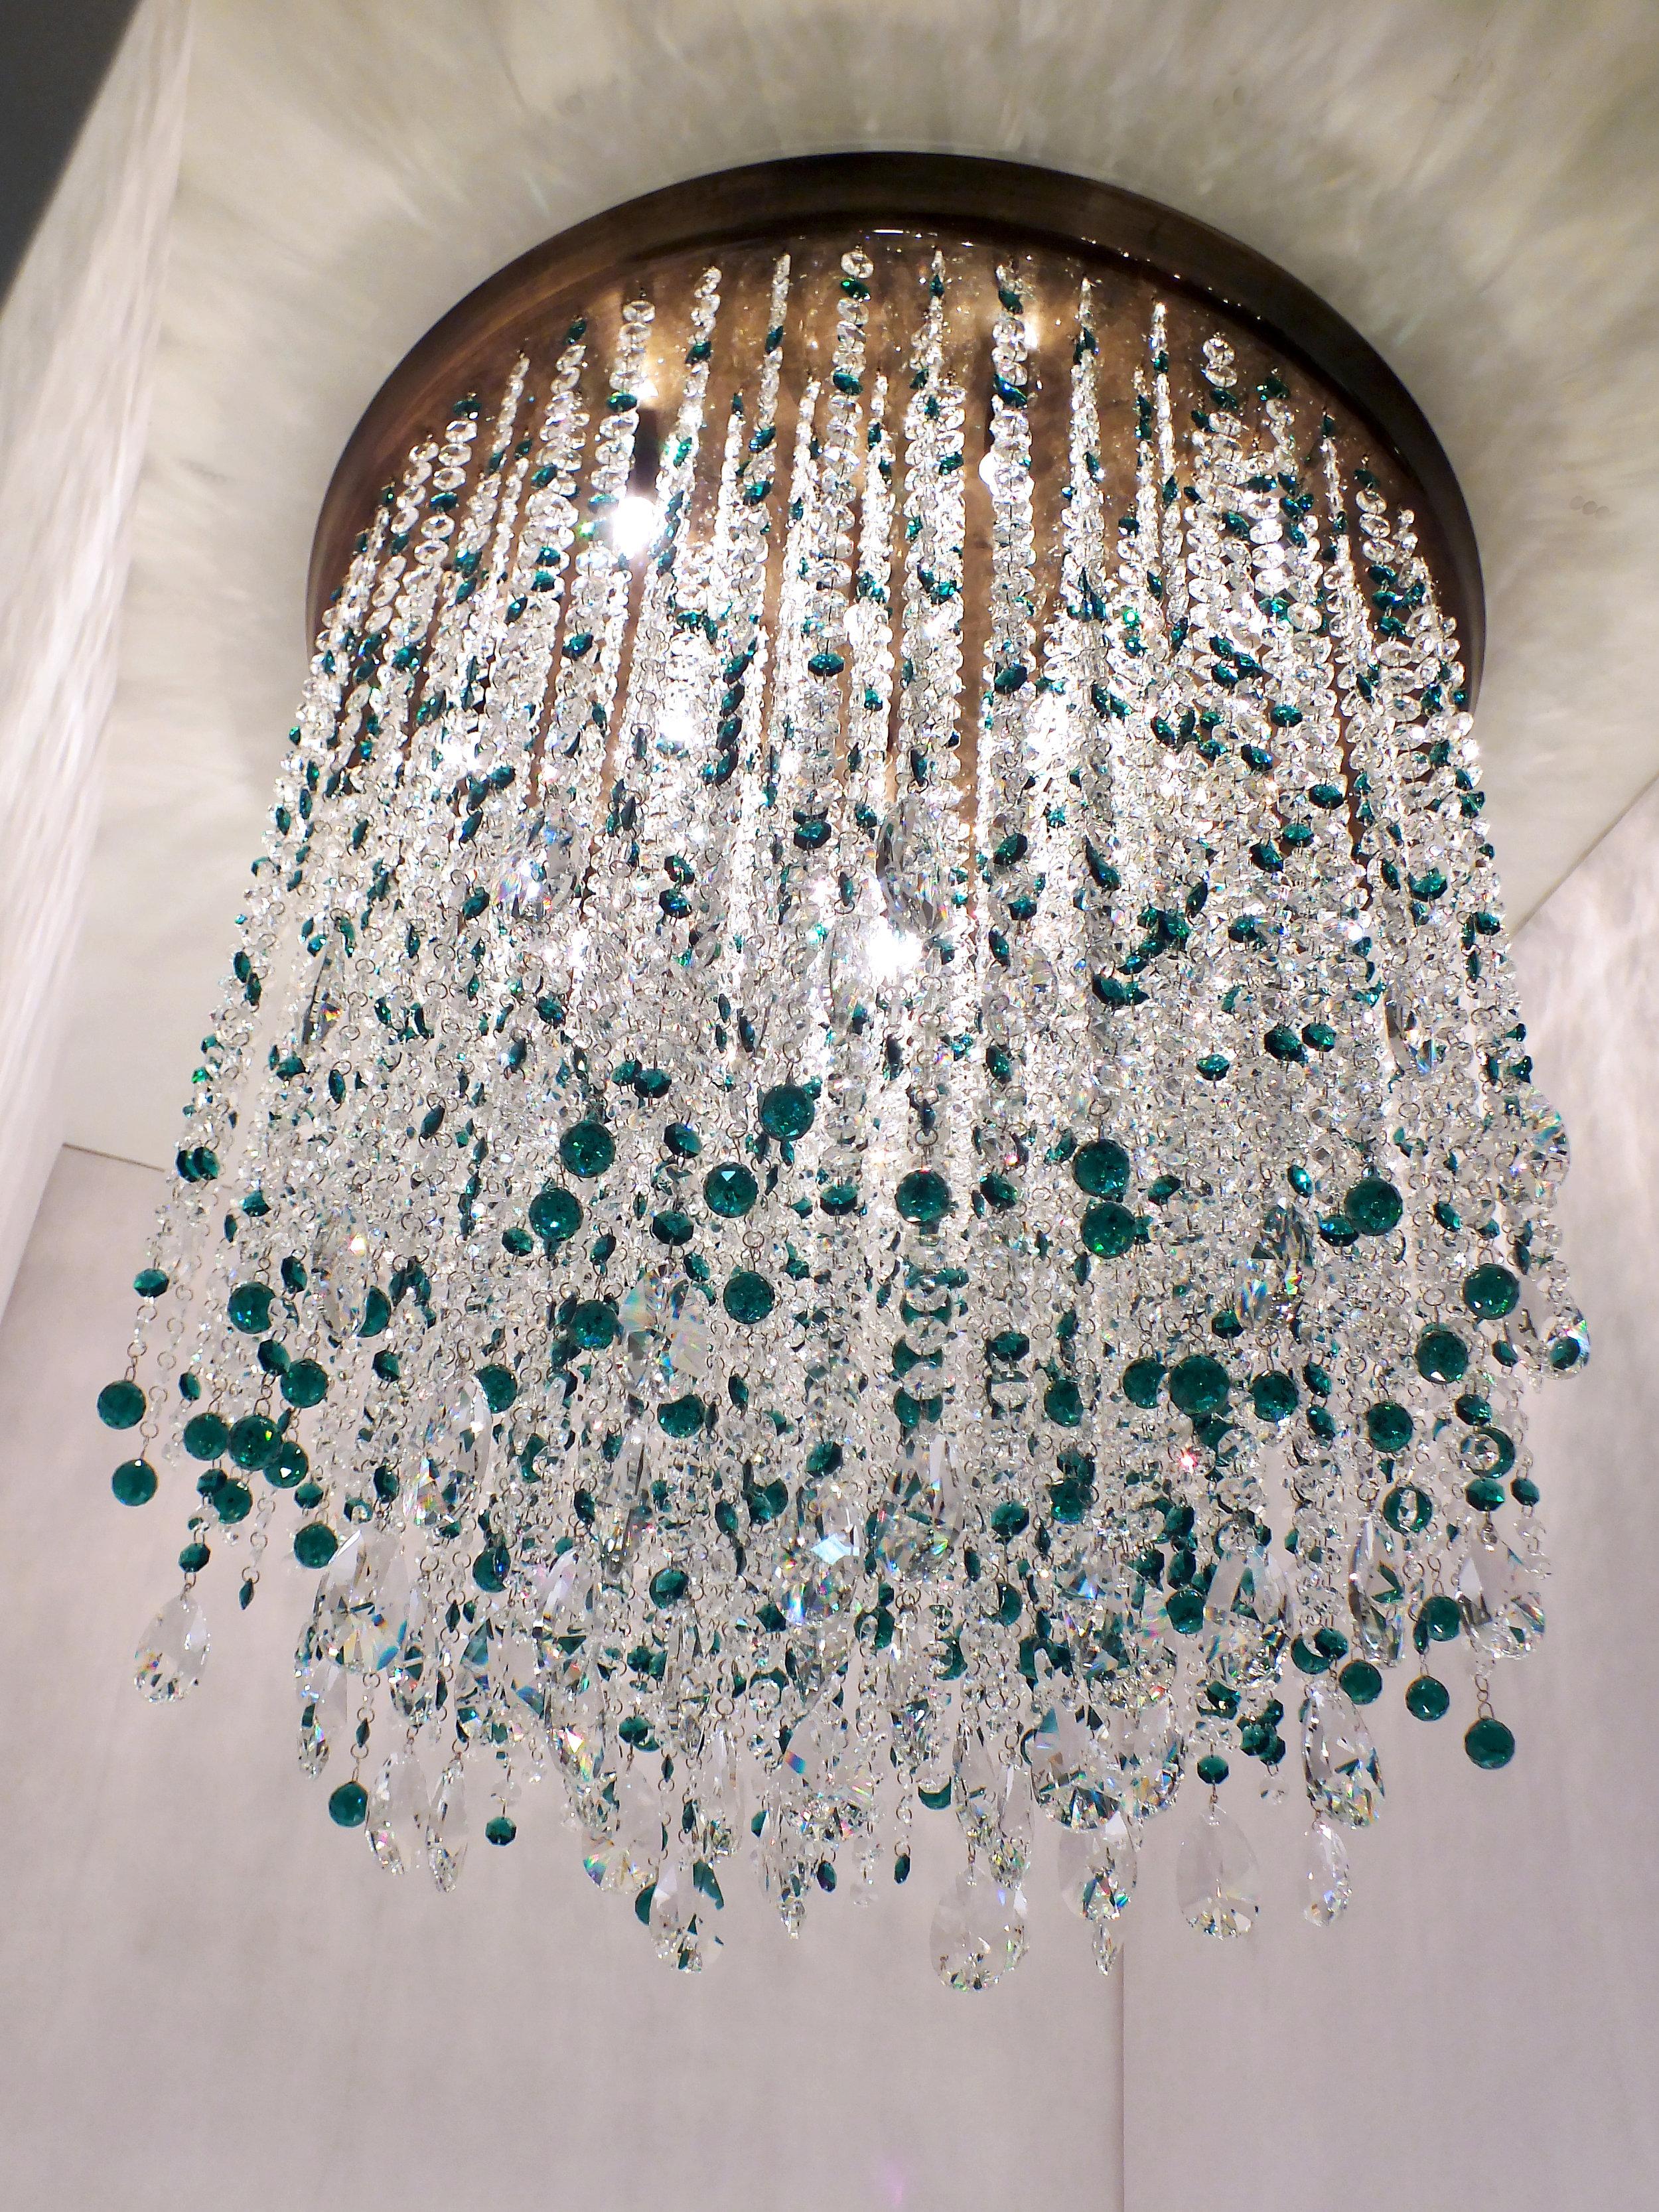 Plafon Cremona 65cm de diâmetro, com detalhes em cristais Emerald Swarovski.